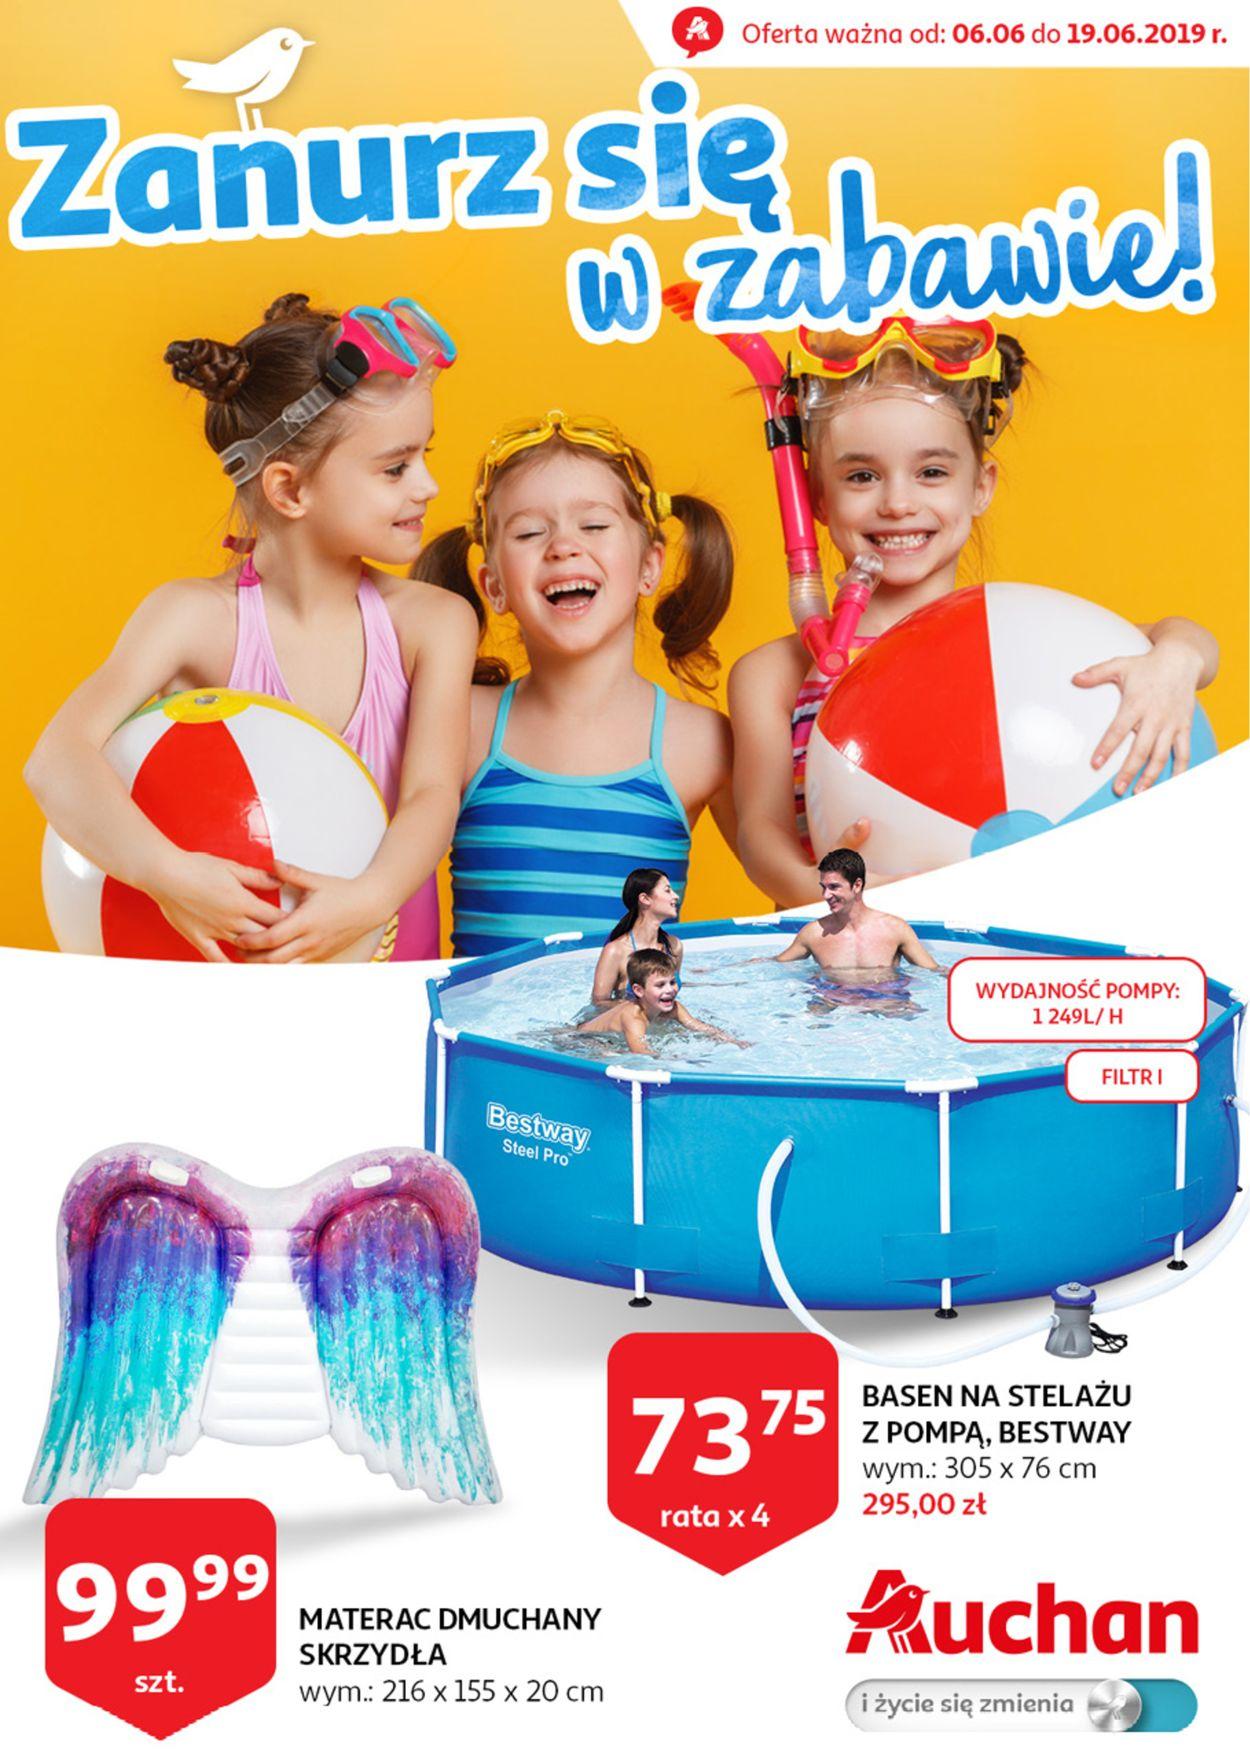 Gazetka promocyjna Auchan - 06.06-19.06.2019